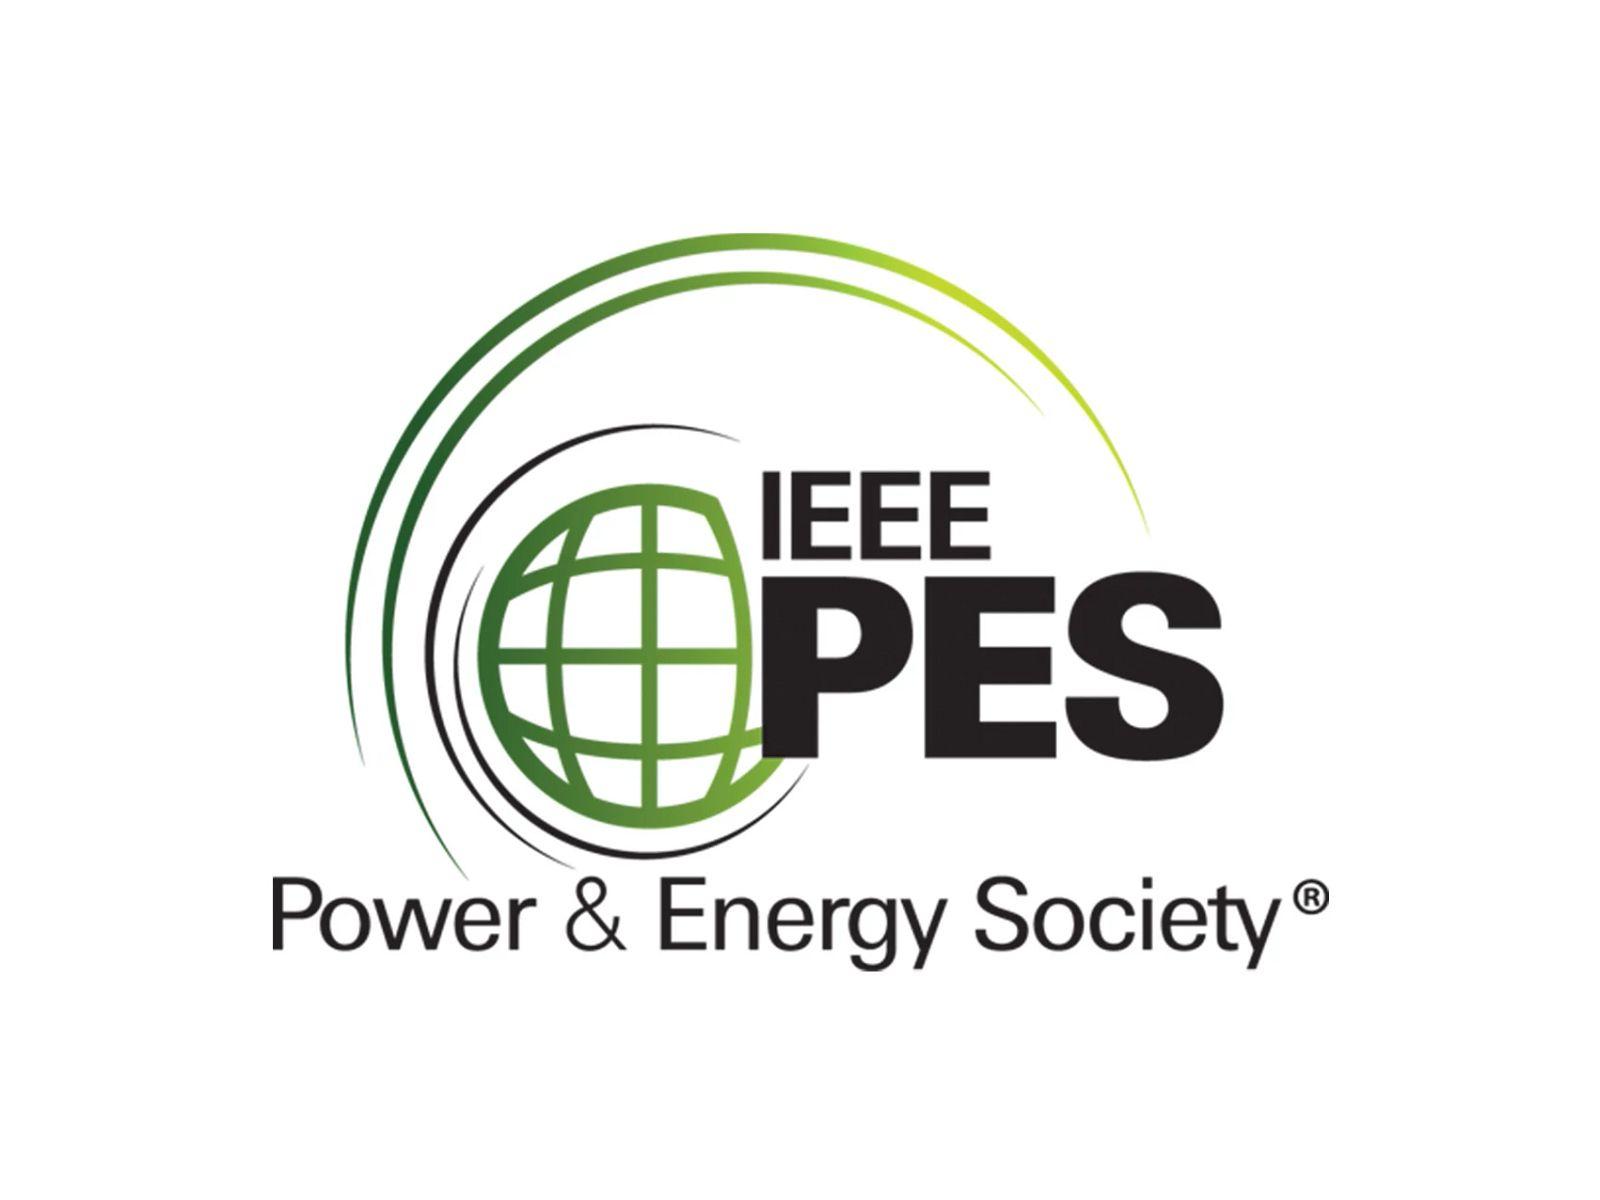 Grid-Affiliate-IEEE-PES-logo.jpg